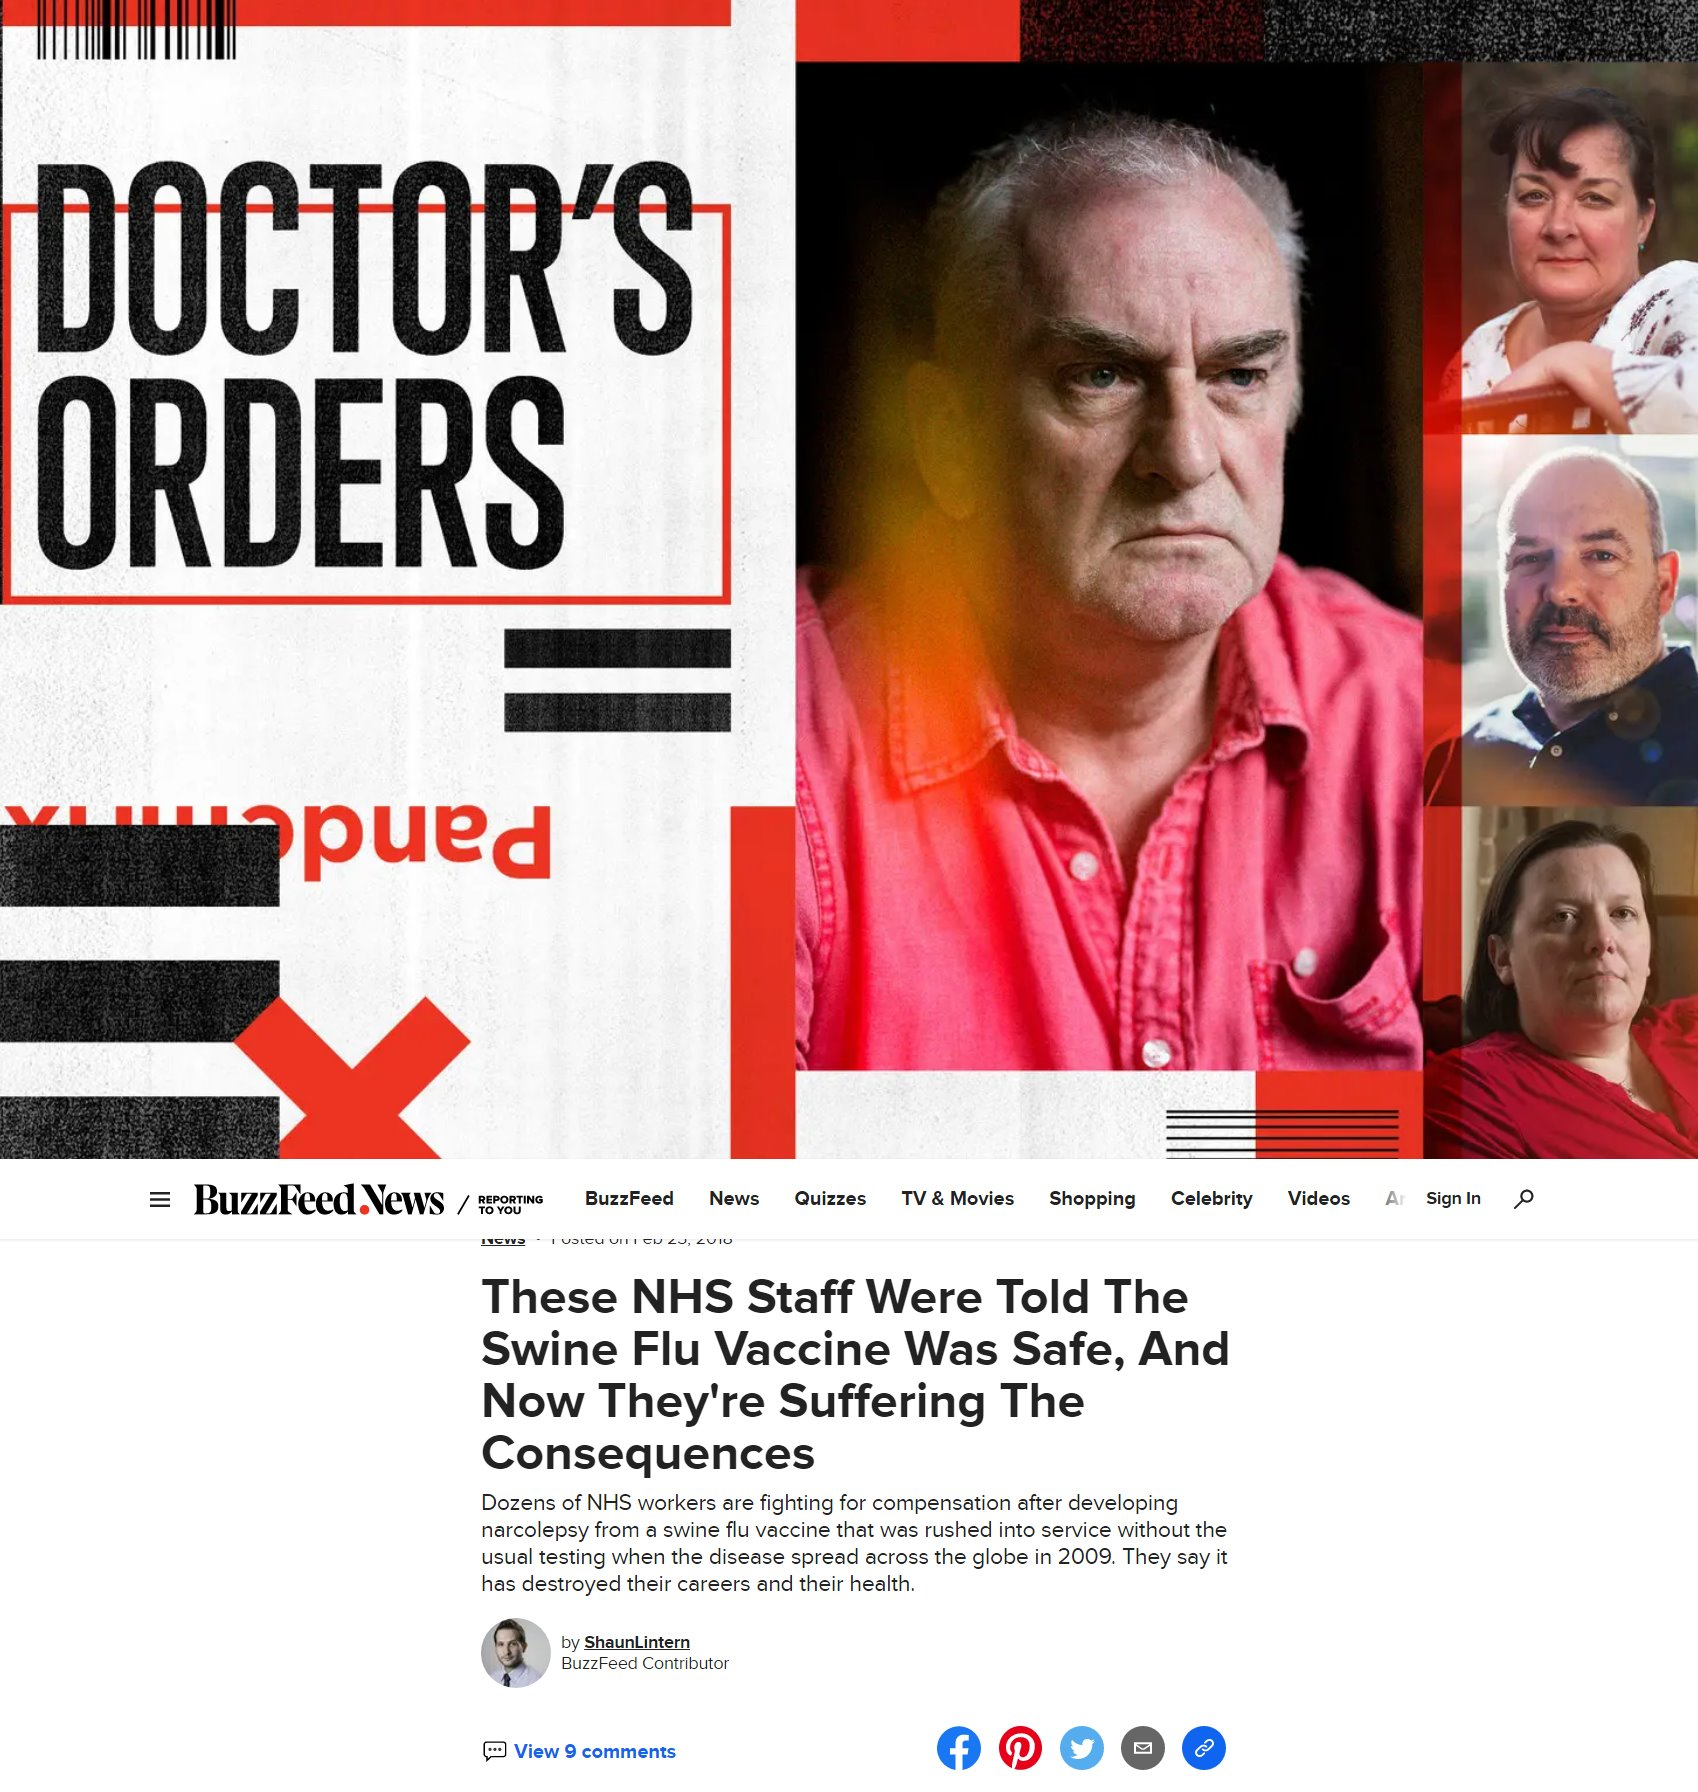 """British Medical Journal critică """"ȘTIINȚA PRIN COMUNICATE"""" folosită de producătorii vaccinurilor Covid-19/ Un precedent important: VACCINUL ÎMPOTRIVA GRIPEI PORCINE/ Didier Raoult: Vaccinurile anti-covid sunt SF și Publicitate/ Astărăstoae despre EXPERIMENTUL PFIZER: Nu cred în altruismul marilor companii farmaceutice/ Elveția rămâne PRUDENTĂ față de vaccinurile anti-covid/ Strategia vaccinării: CONDIȚIONARE, NU OBLIGARE FORMALĂ/ Bill Gates anunță 6 vaccinuri anti-covid"""